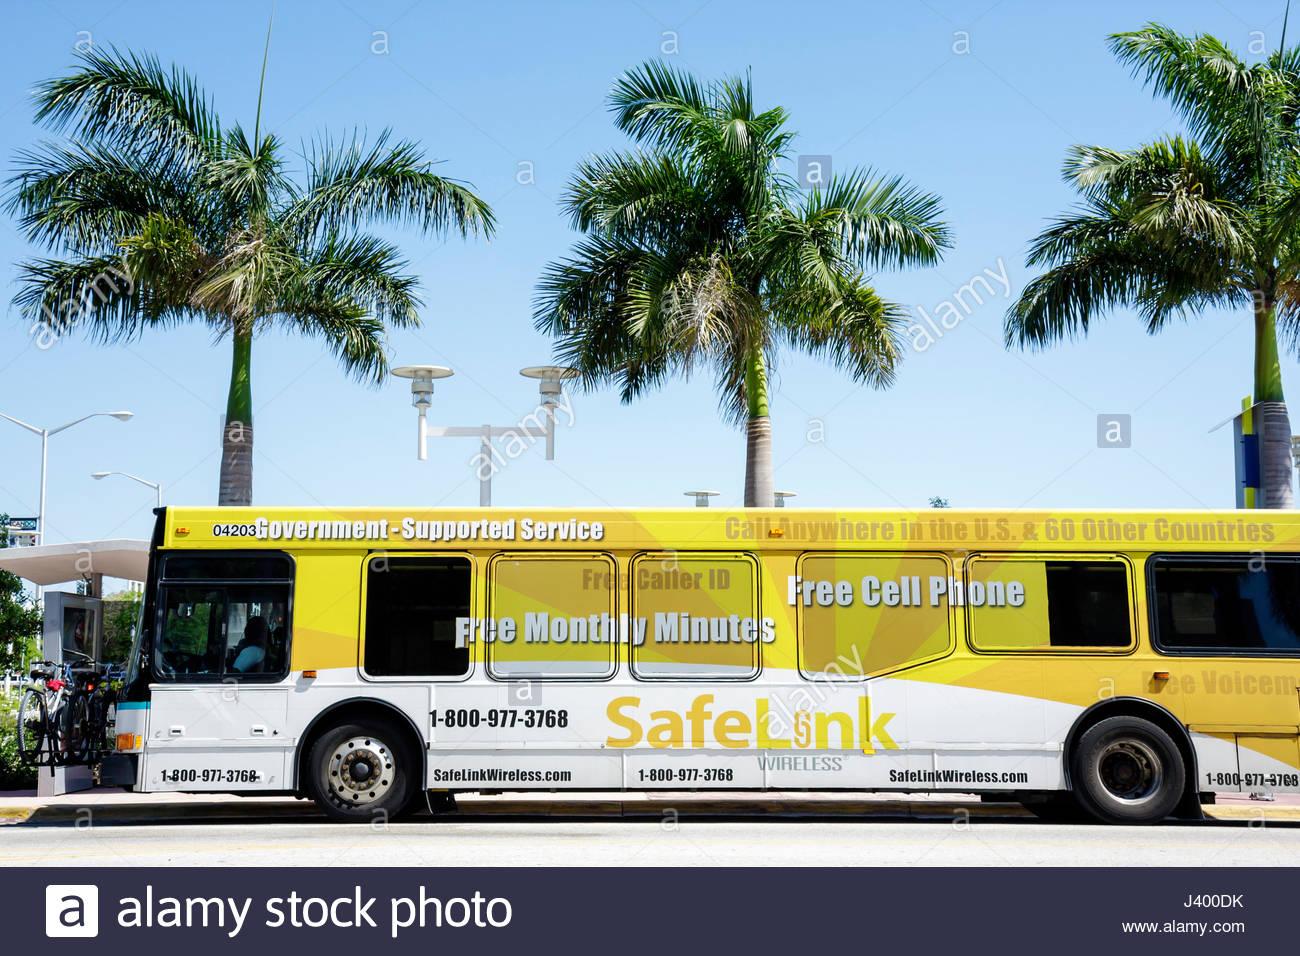 safelink wireless street team